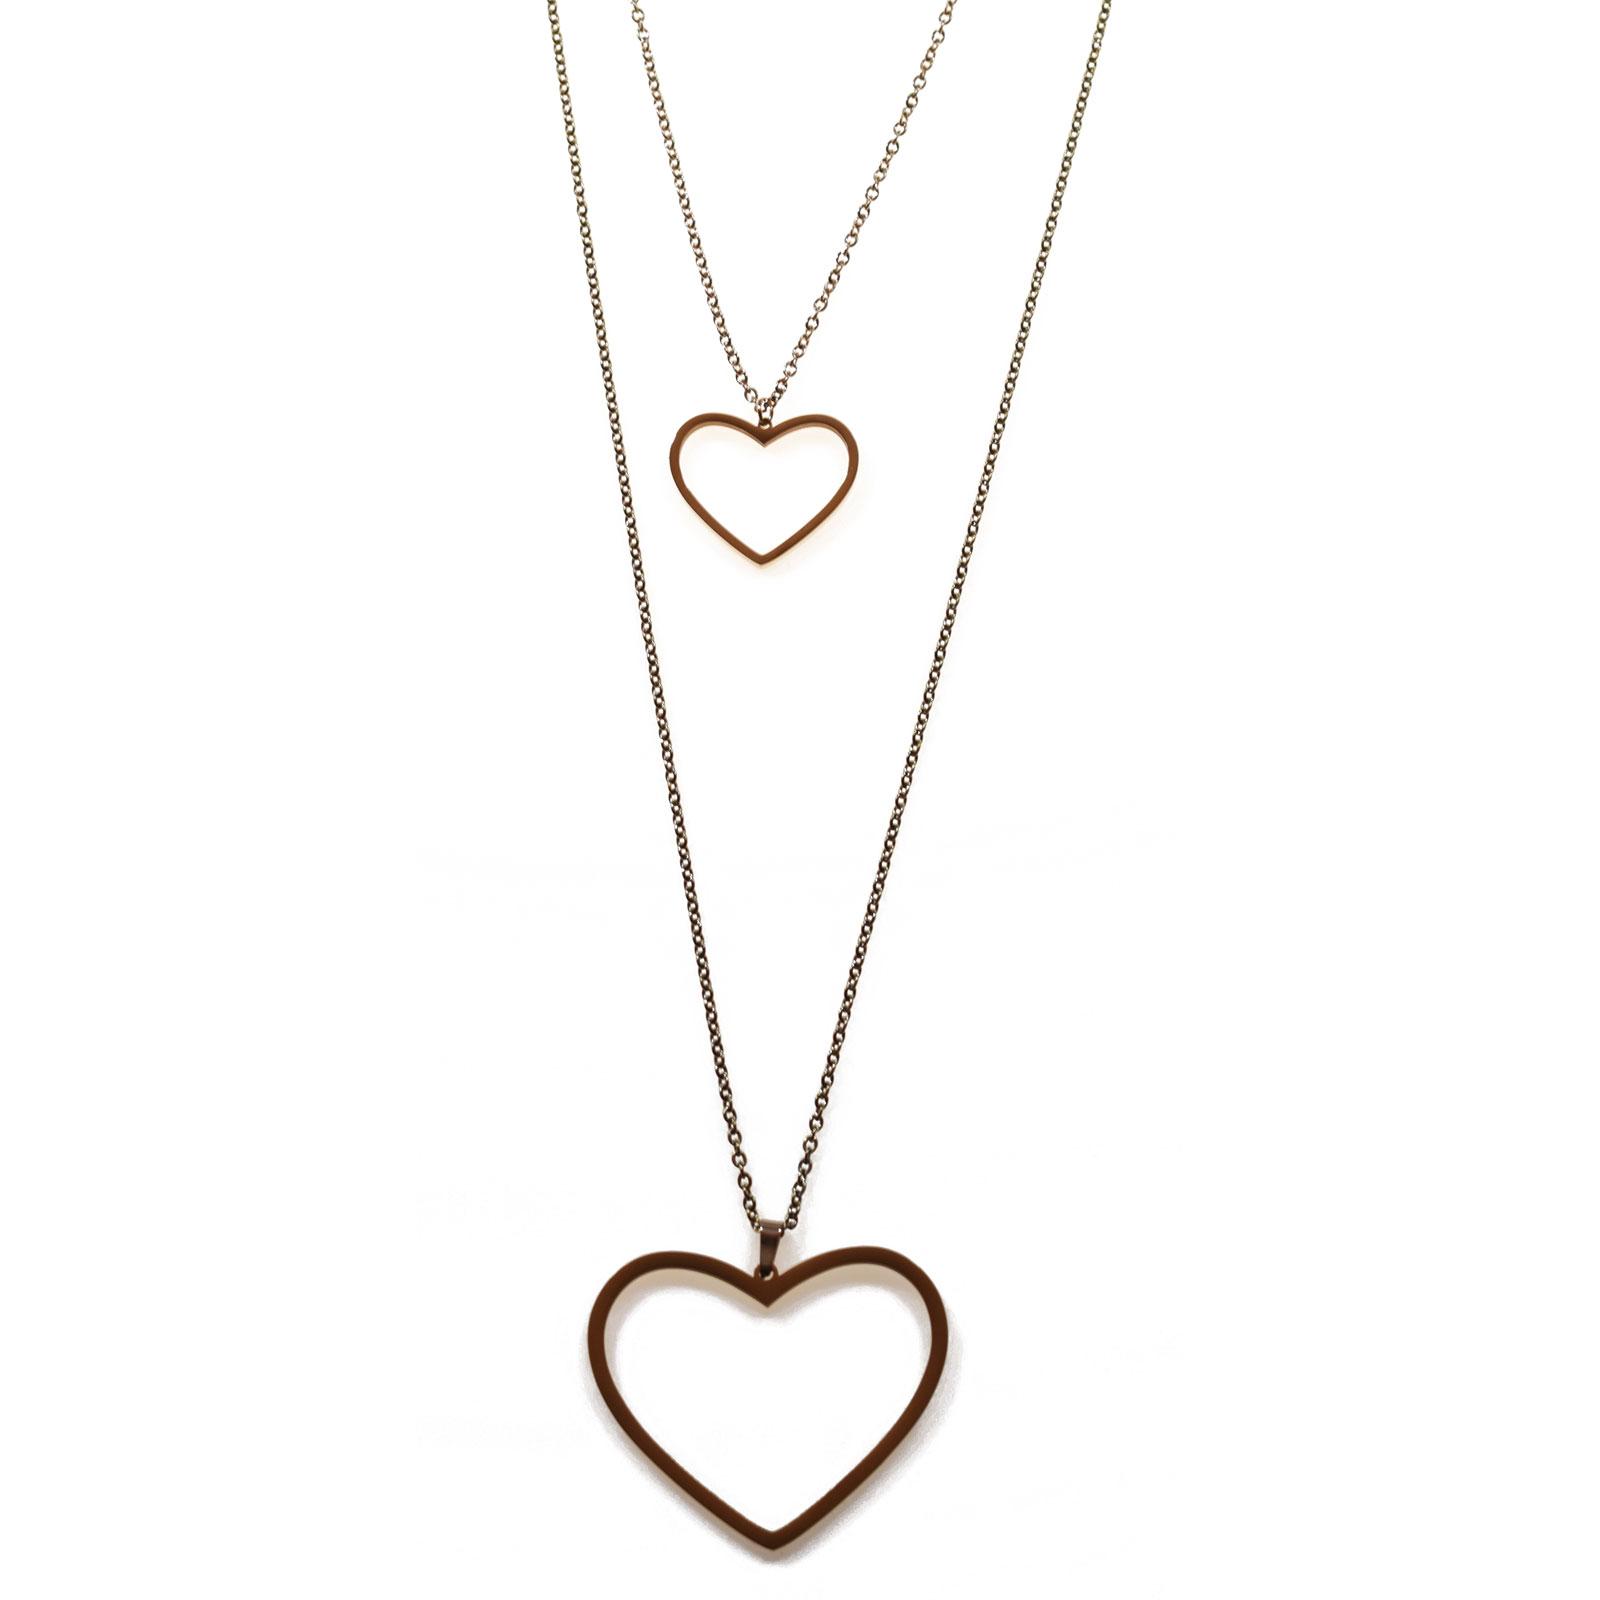 Κολιέ ατσάλινο (stainless steel) διπλή καρδιά σε ροζ χρυσό χρώμα BZ-NK-00188 fc77051fb68